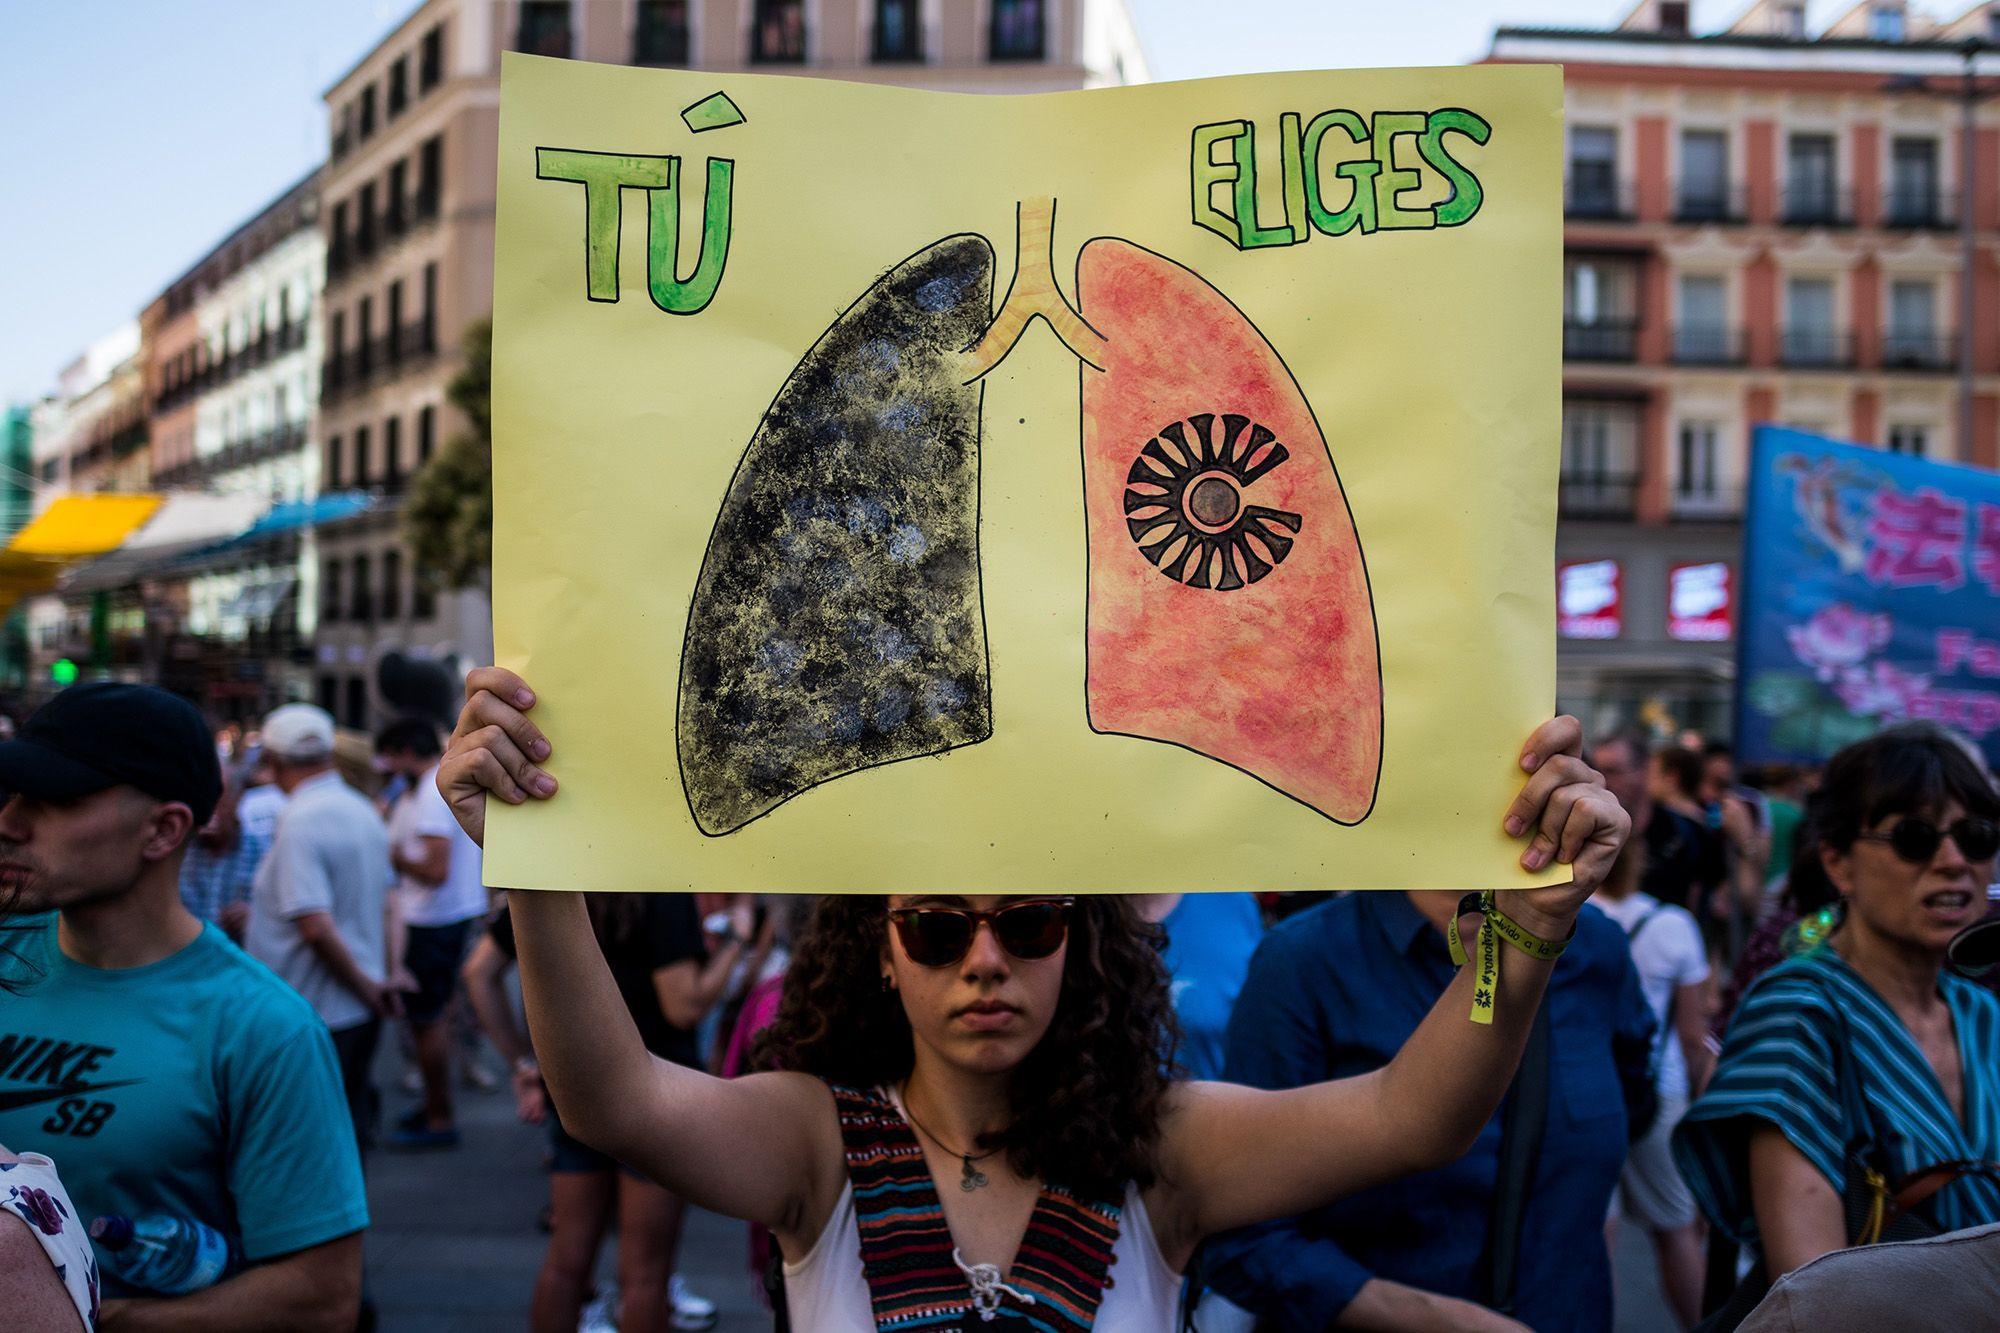 Környezetvédelmi tüntetés Madridban 2019 nyarán (fotó: Marcos del Mazo/LightRocket via Getty Images)